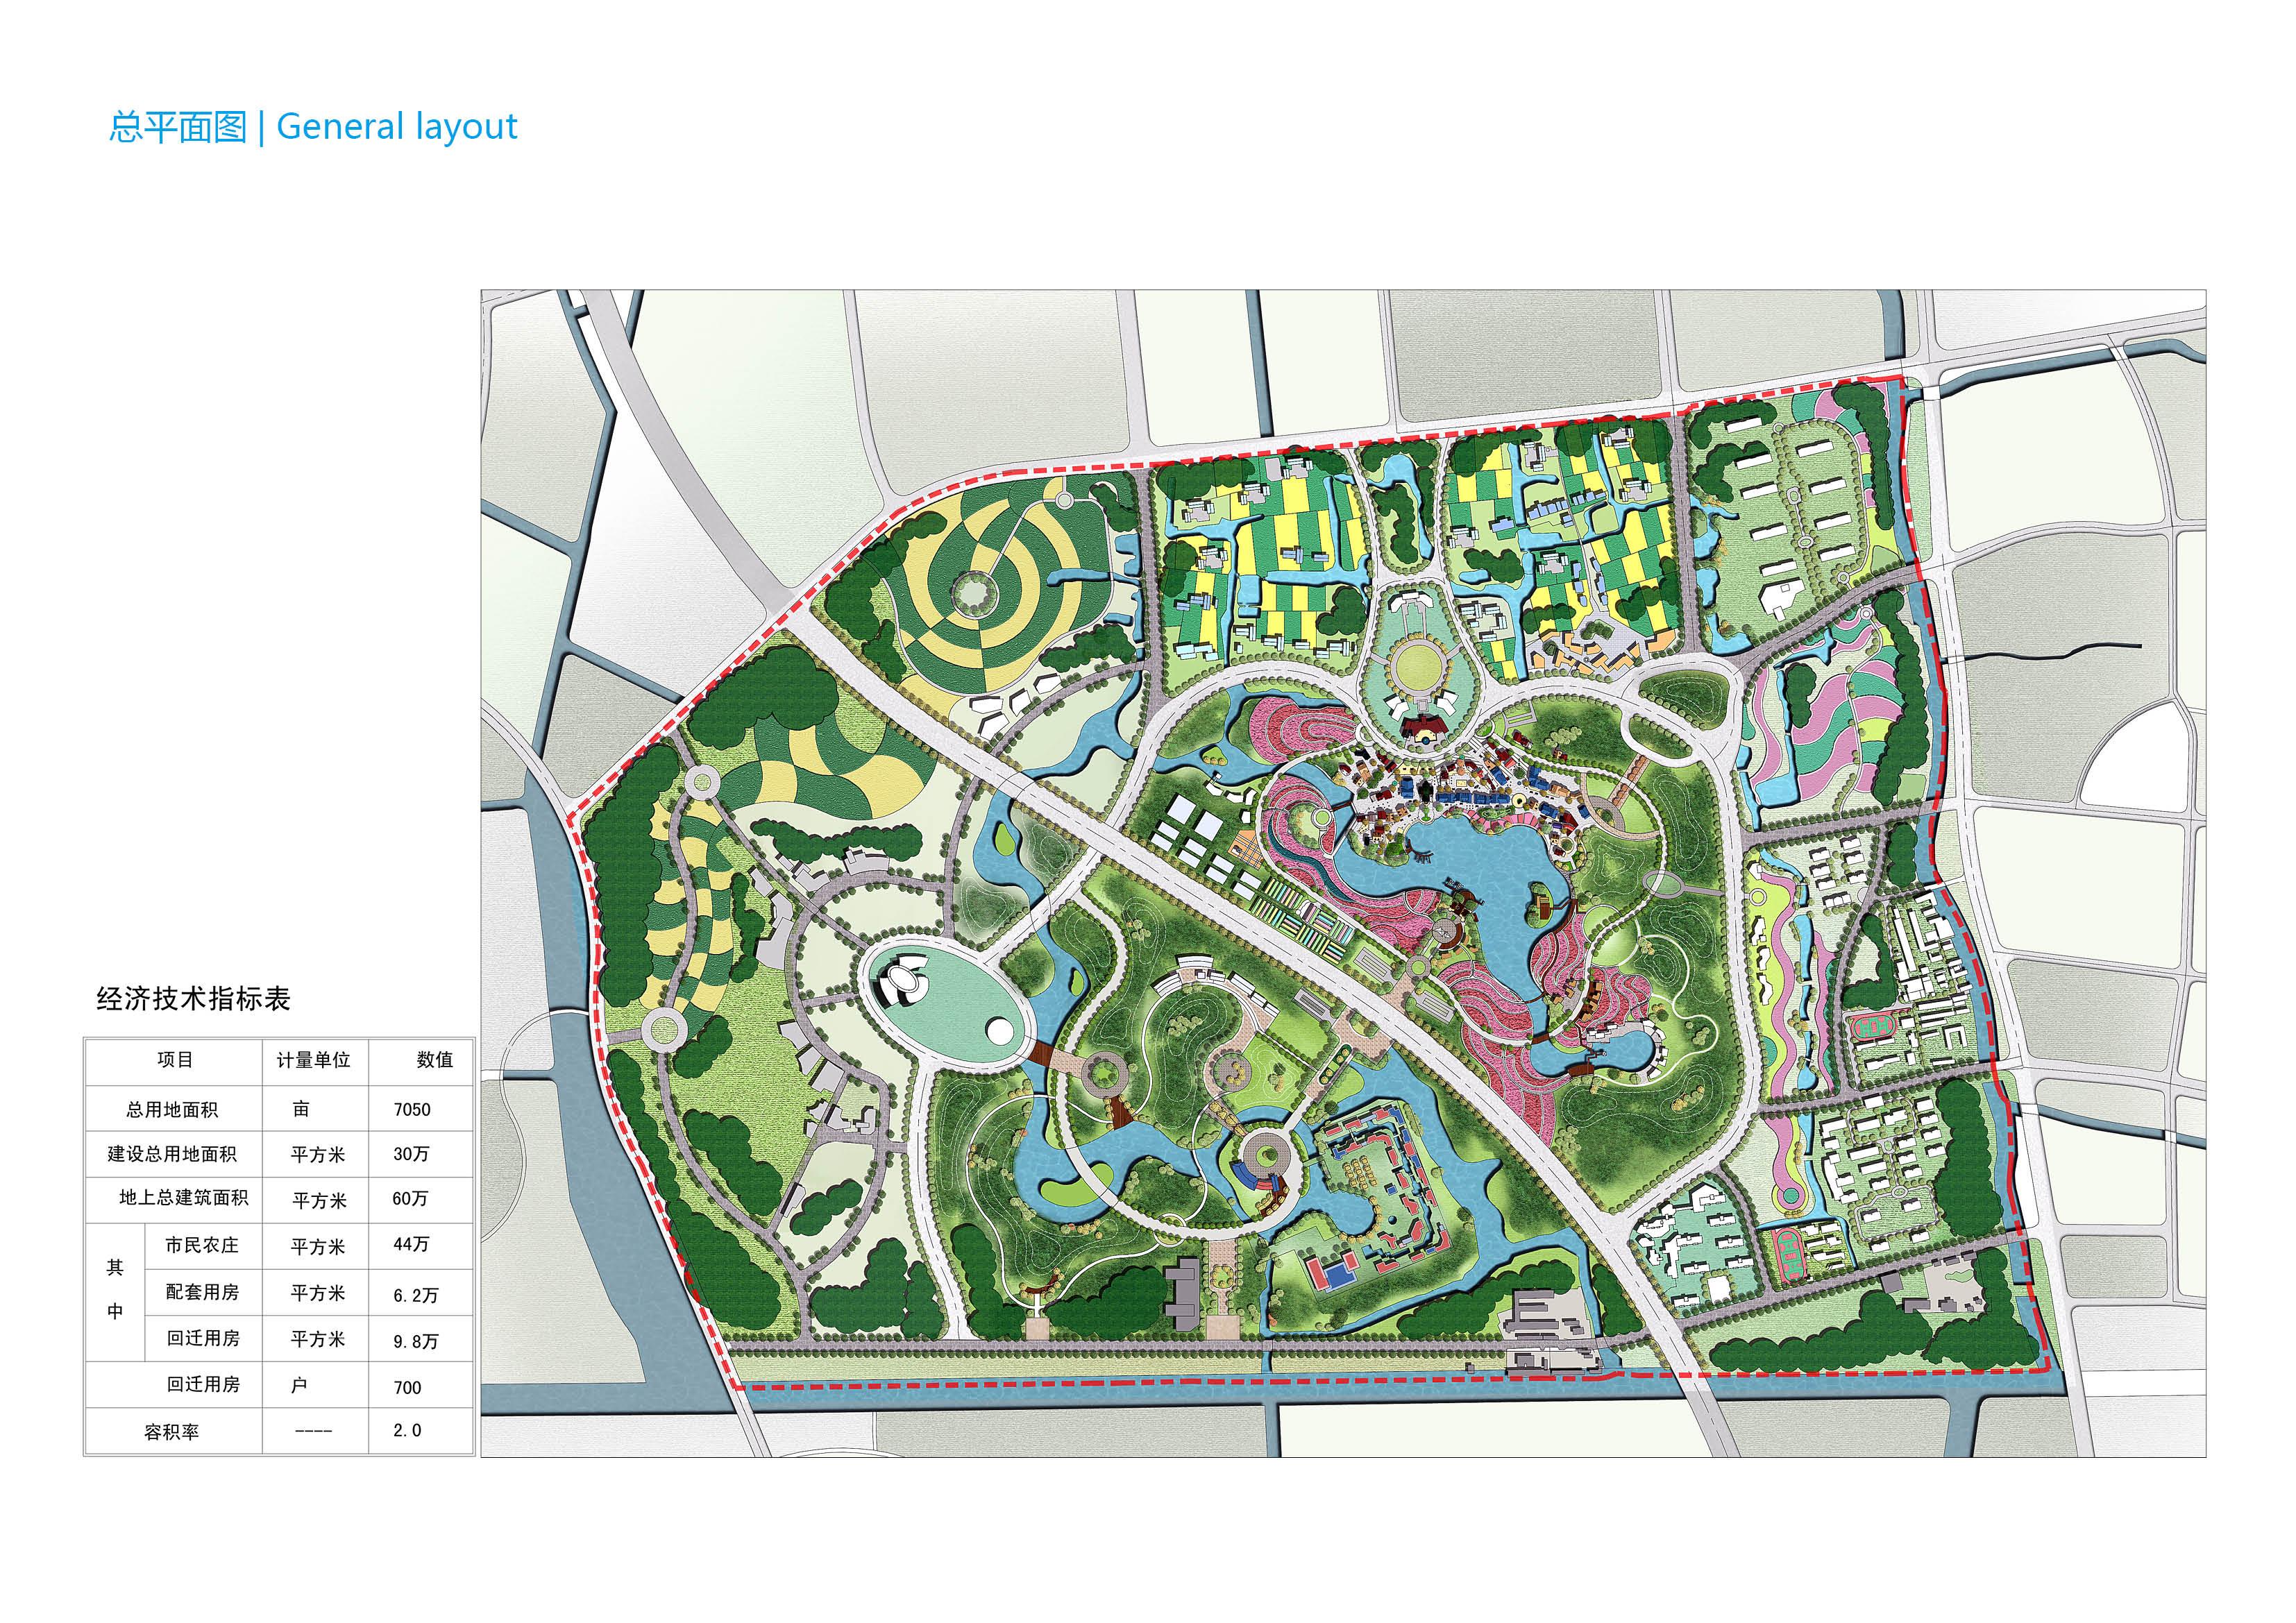 上海金山區市民農莊項目戰略發展規劃12.30-上海金山區市民農莊項目戰略發展規劃21